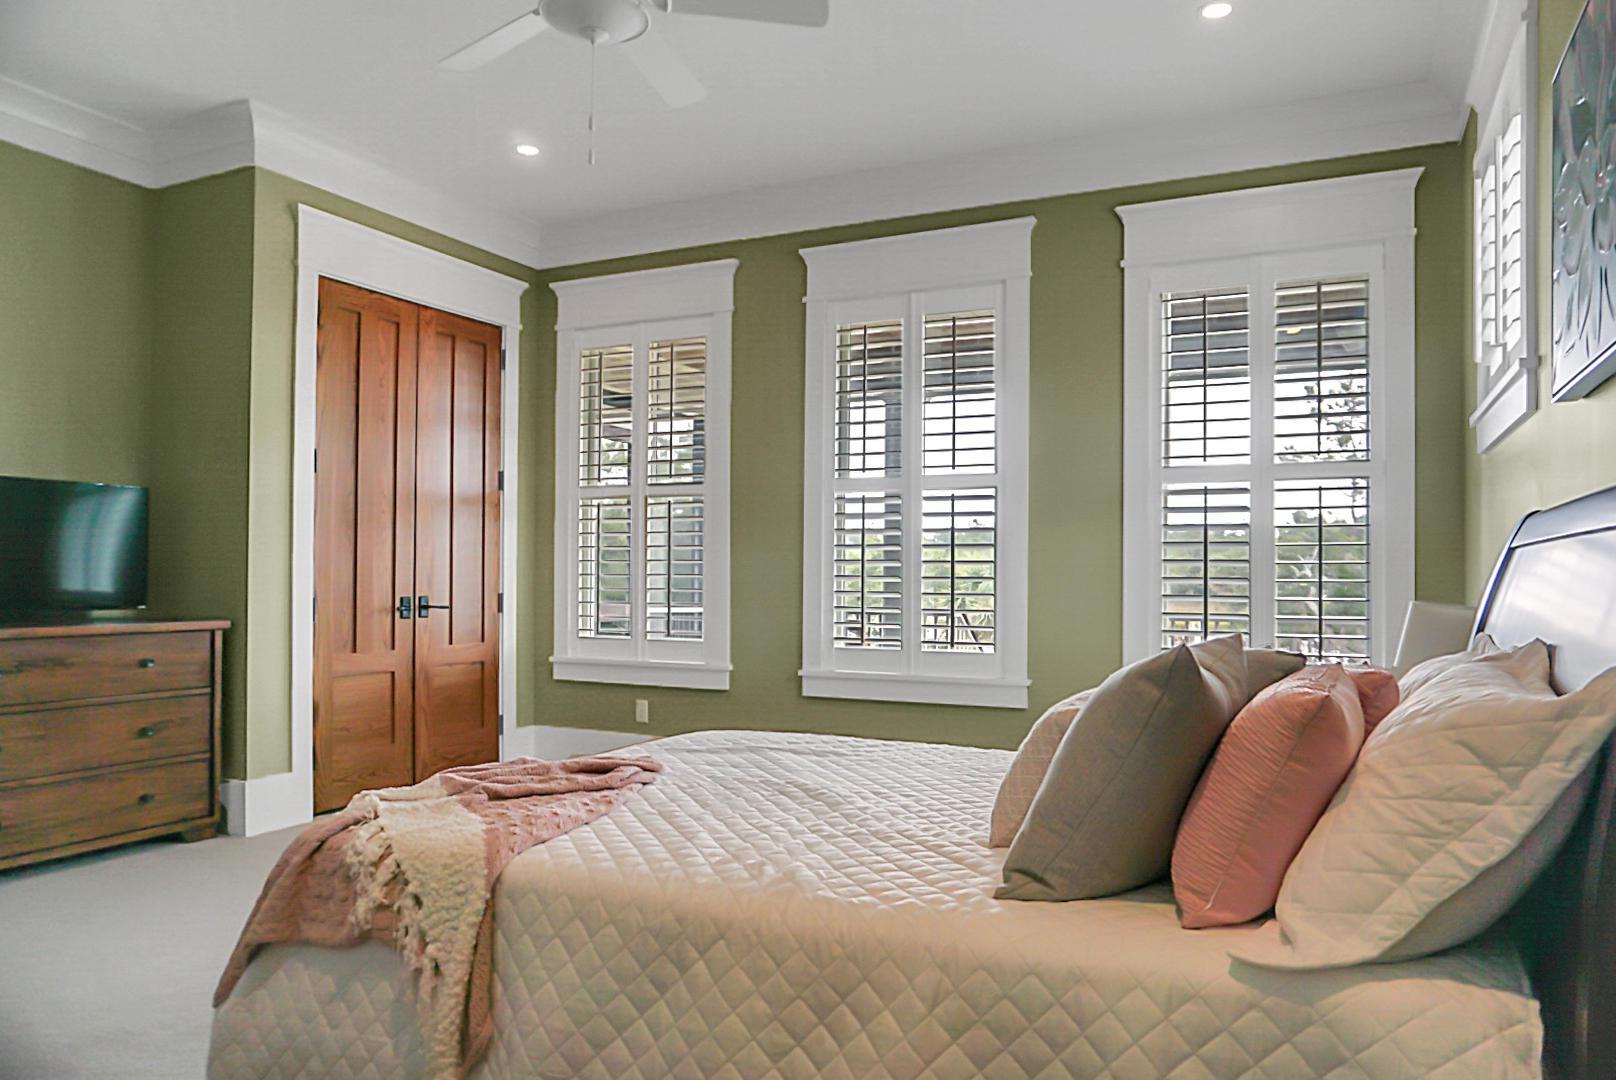 Dunes West Homes For Sale - 2978 River Vista, Mount Pleasant, SC - 41